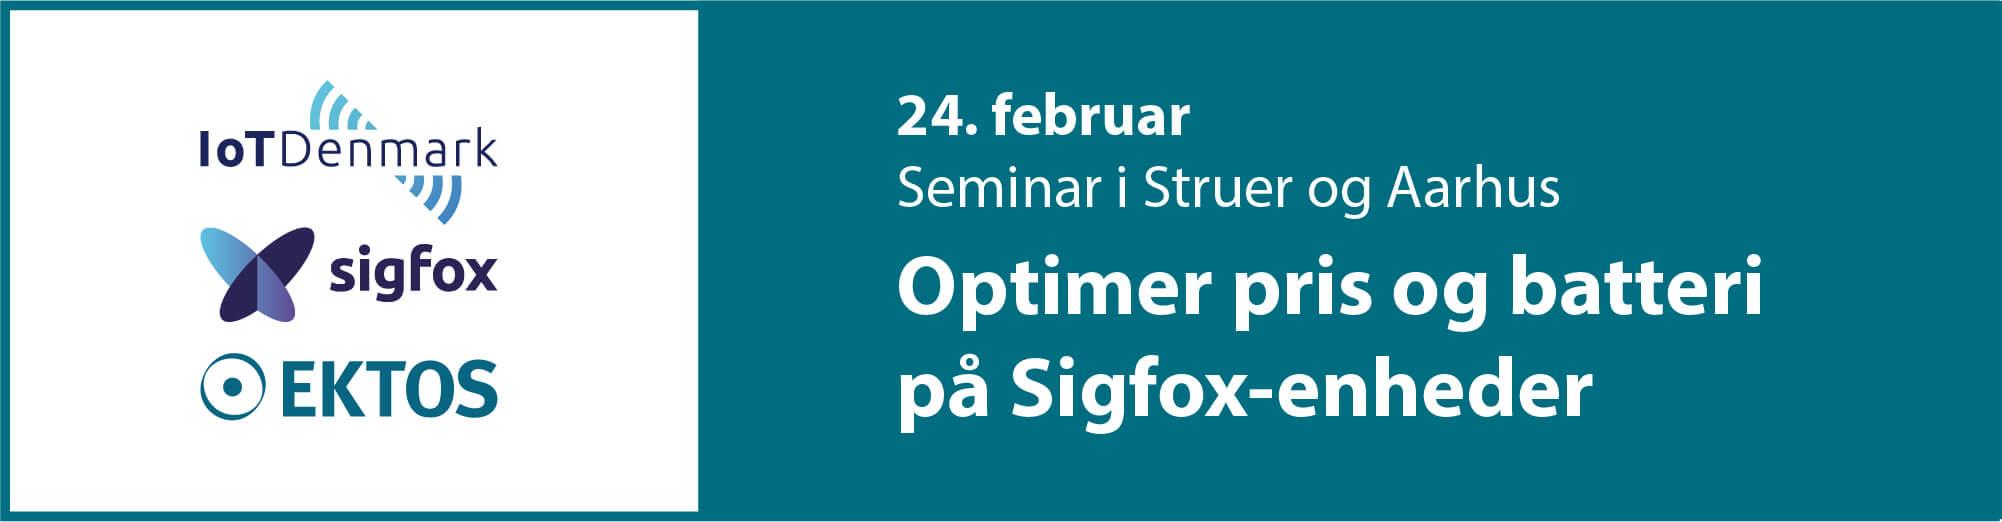 Seminar i Struer og Aarhus: Optimer pris og batteri på Sigfox-enheder